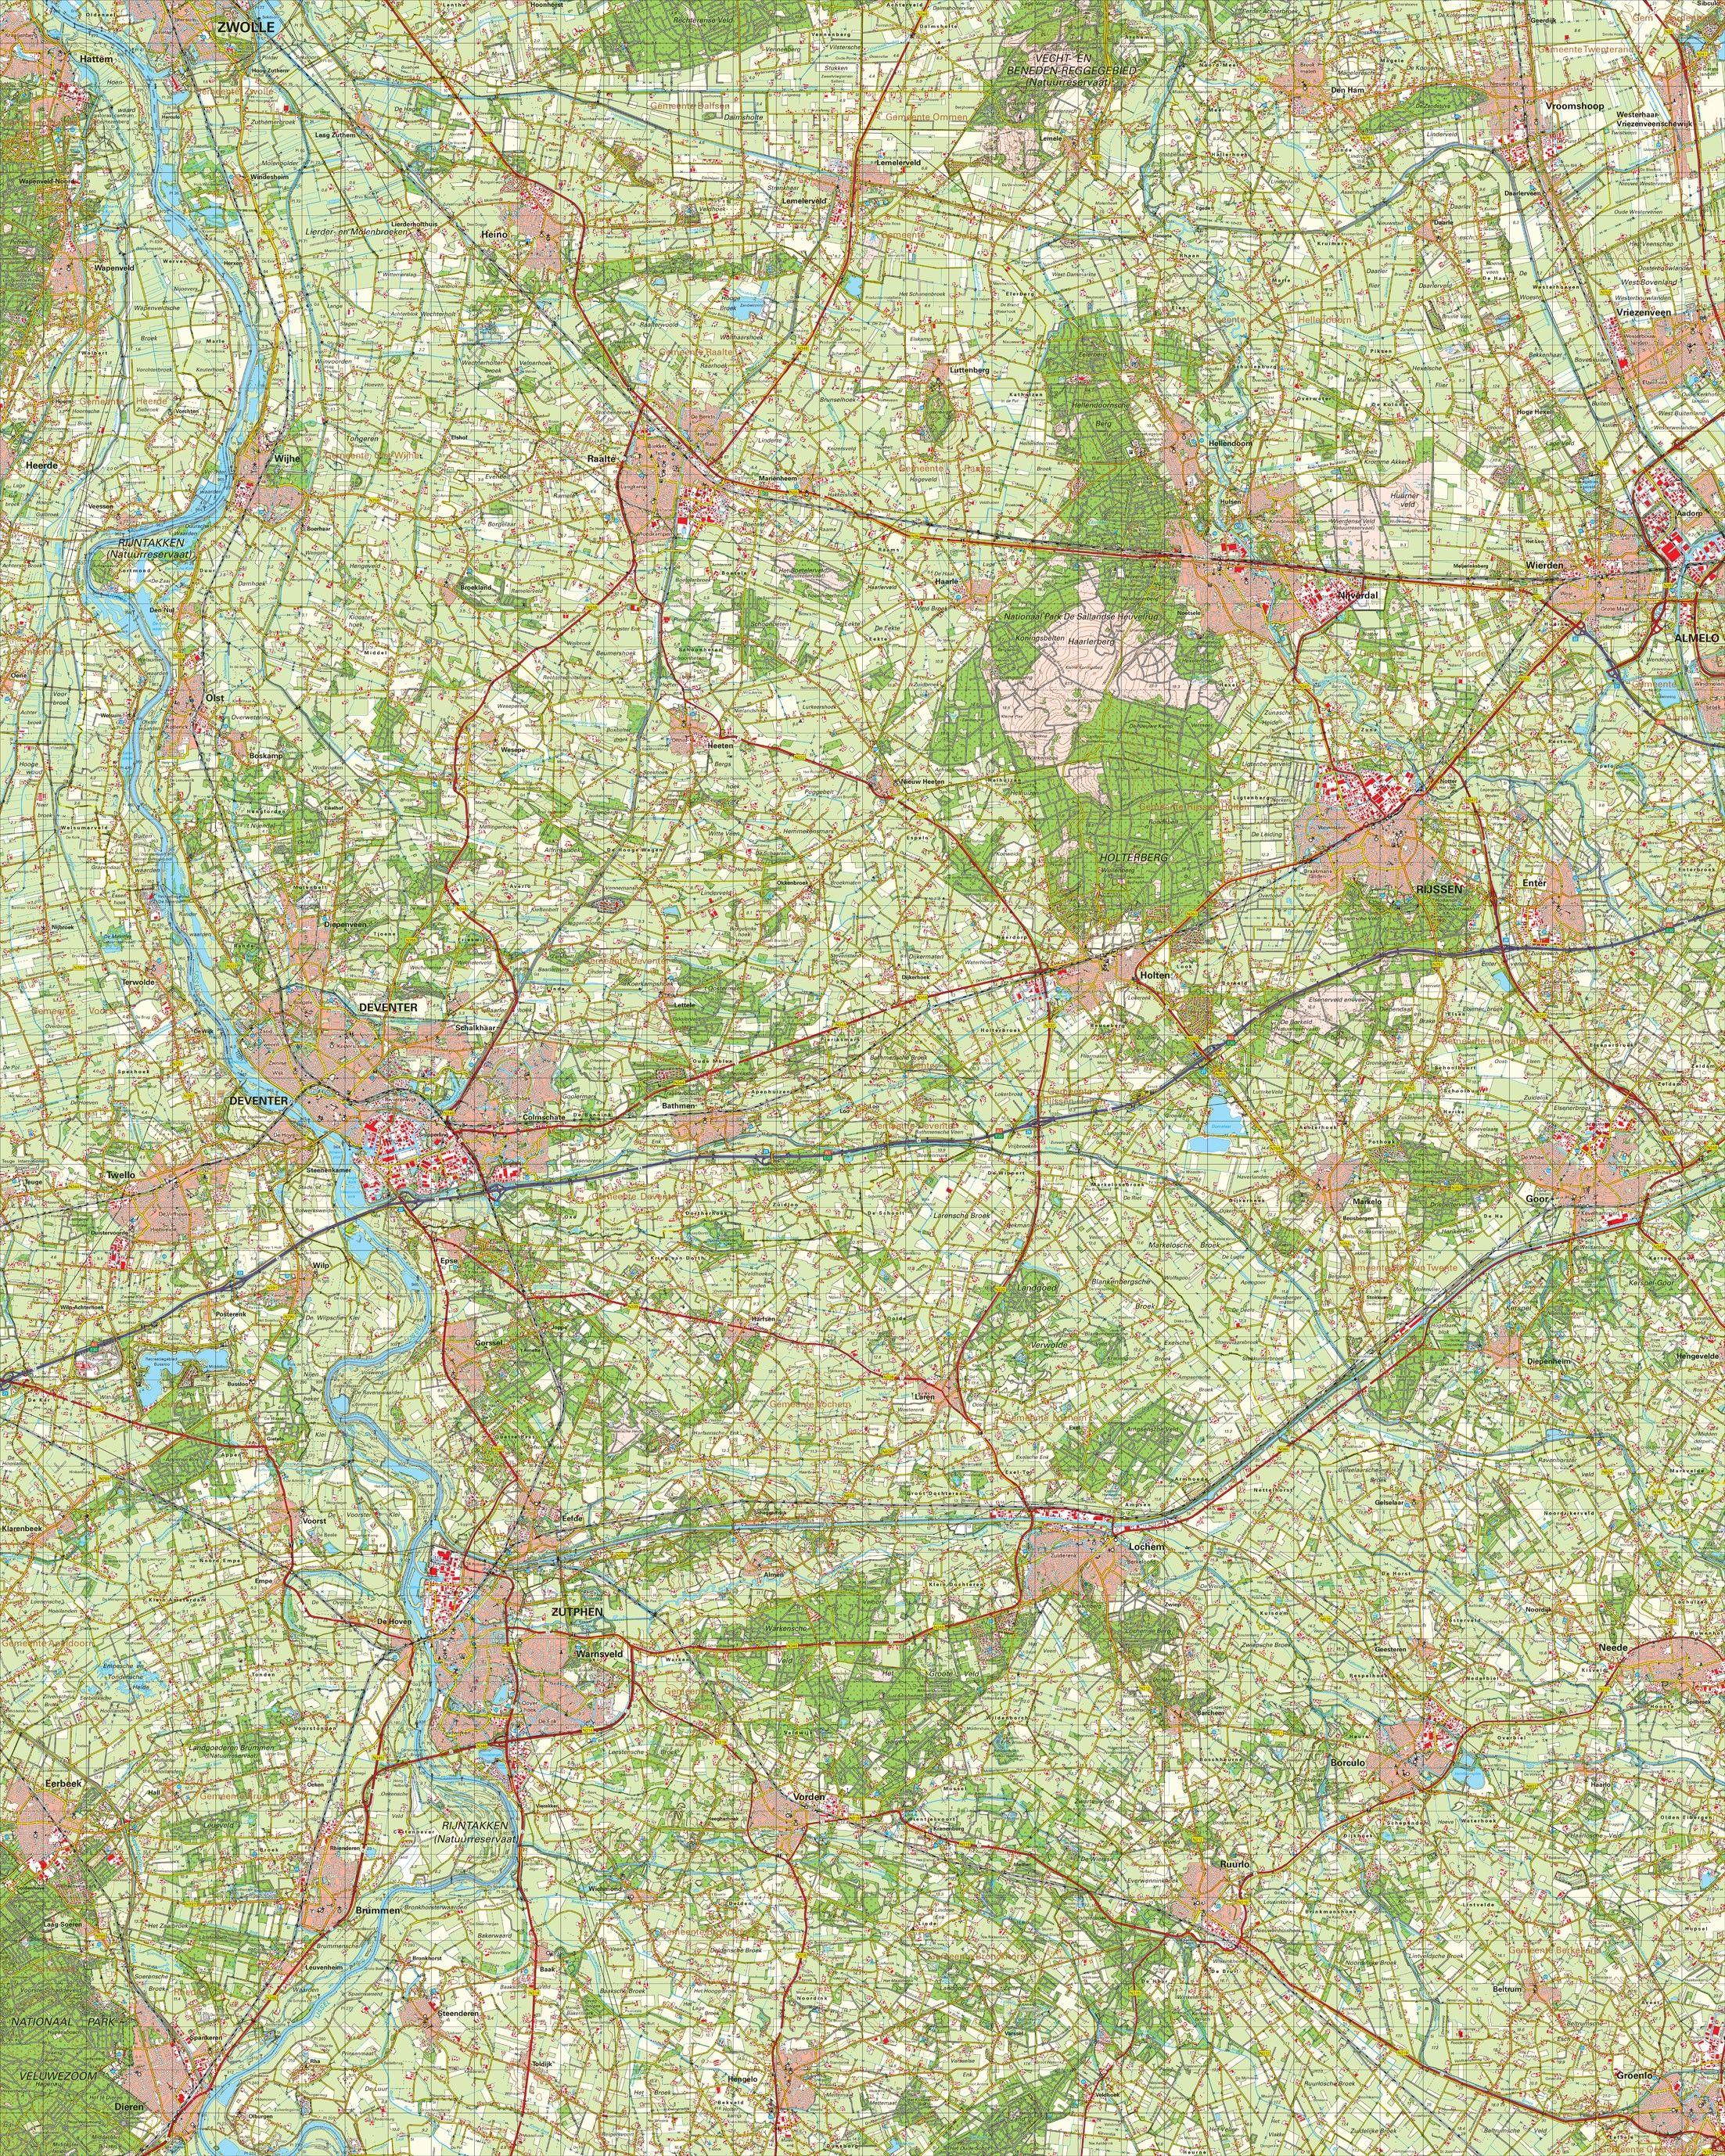 Topografische kaart schaal 1:50.000 (Raalte,Rijssen,Almelo,Zutphen,Deventer)